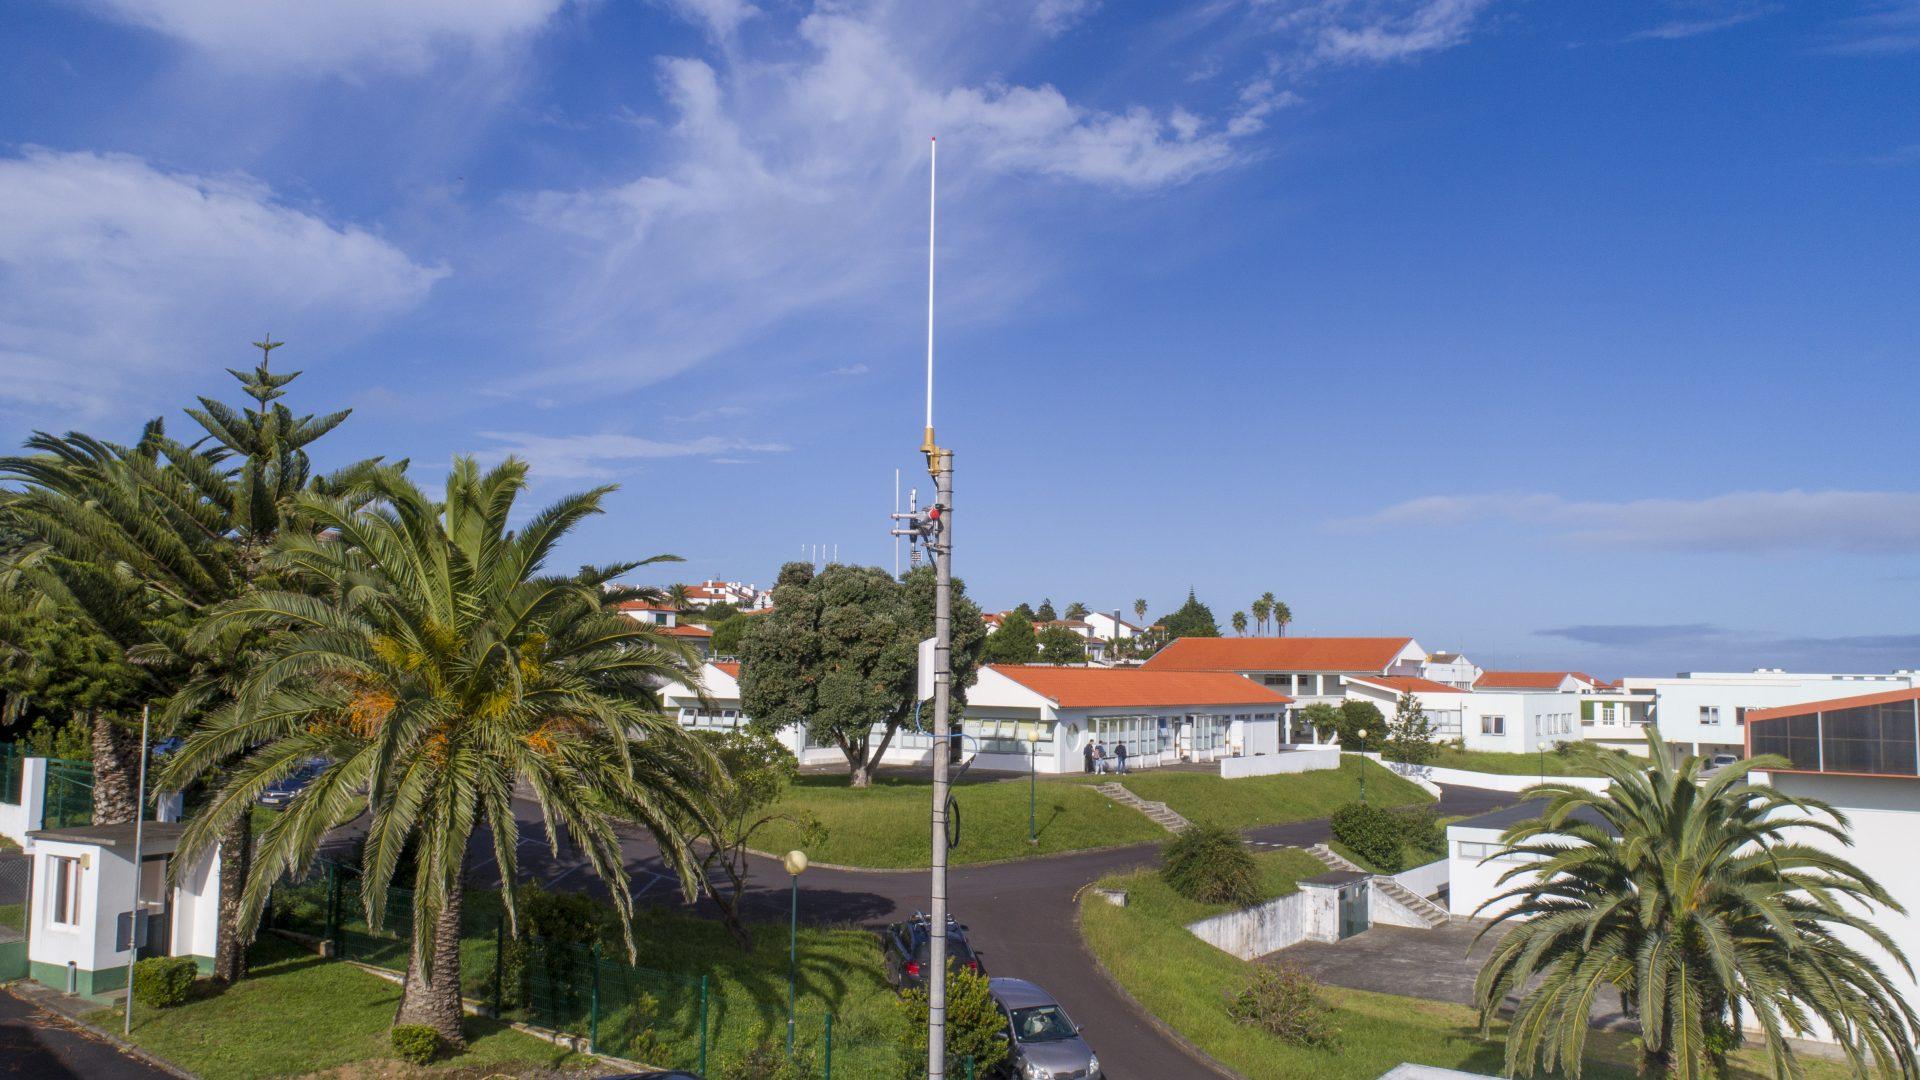 Câmara melhora Serviço Municipal de Proteção Civil com rádios, redes de radiocomunicações e viatura 4x4